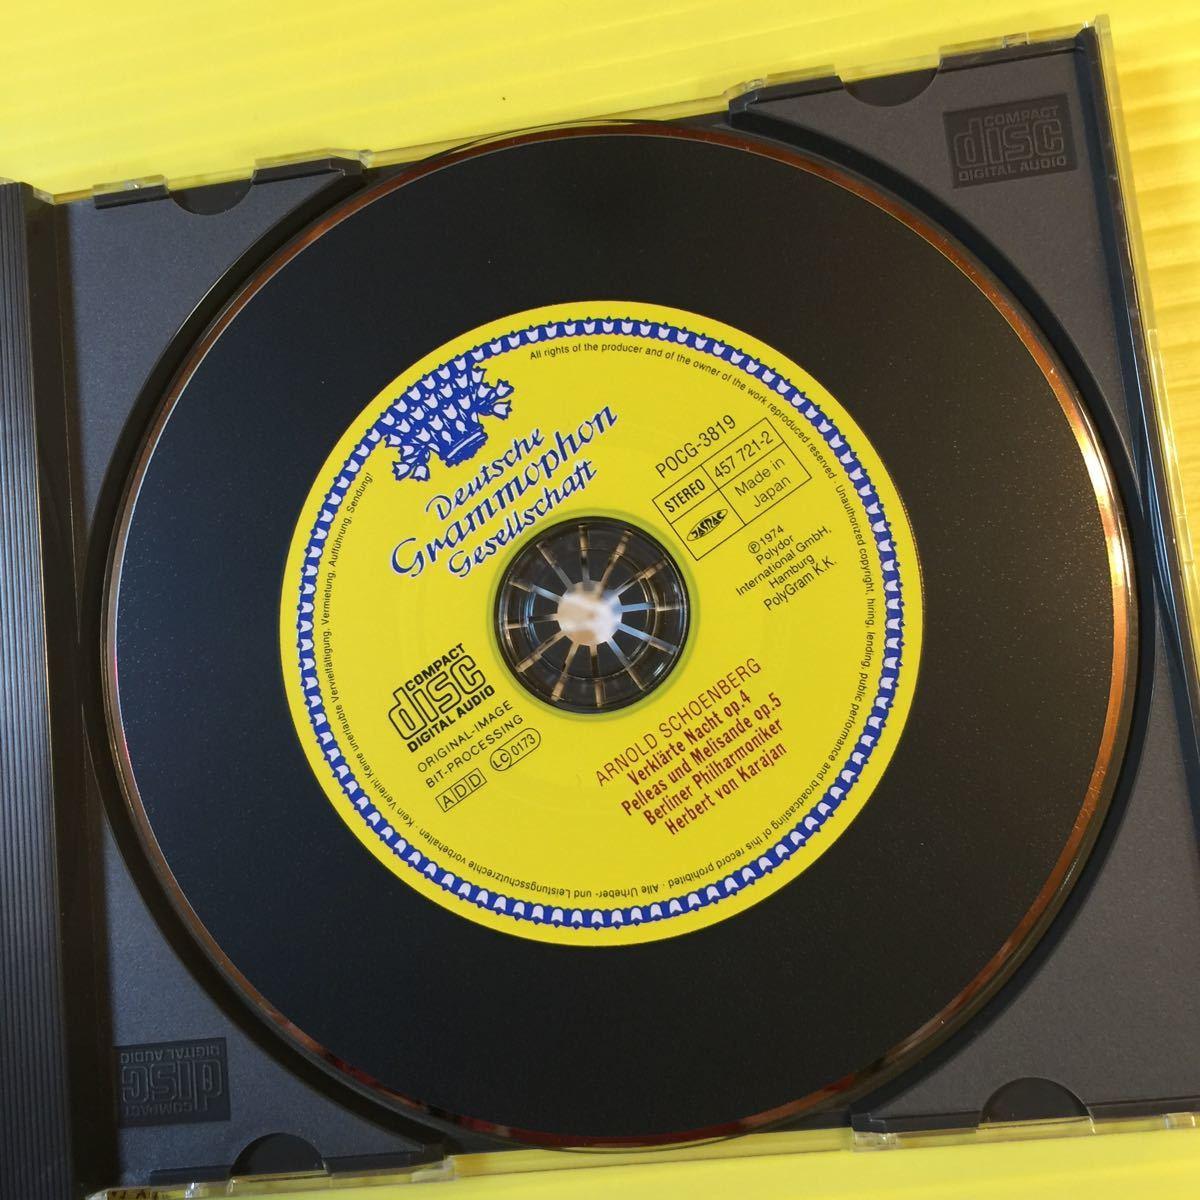 ◆シェーンベルク 浄夜 /ペレアスとメリザンド ◆ カラヤン ベルリン・フィルハーモニー管弦楽団 (CD)【型番号】POCG-3819_画像5